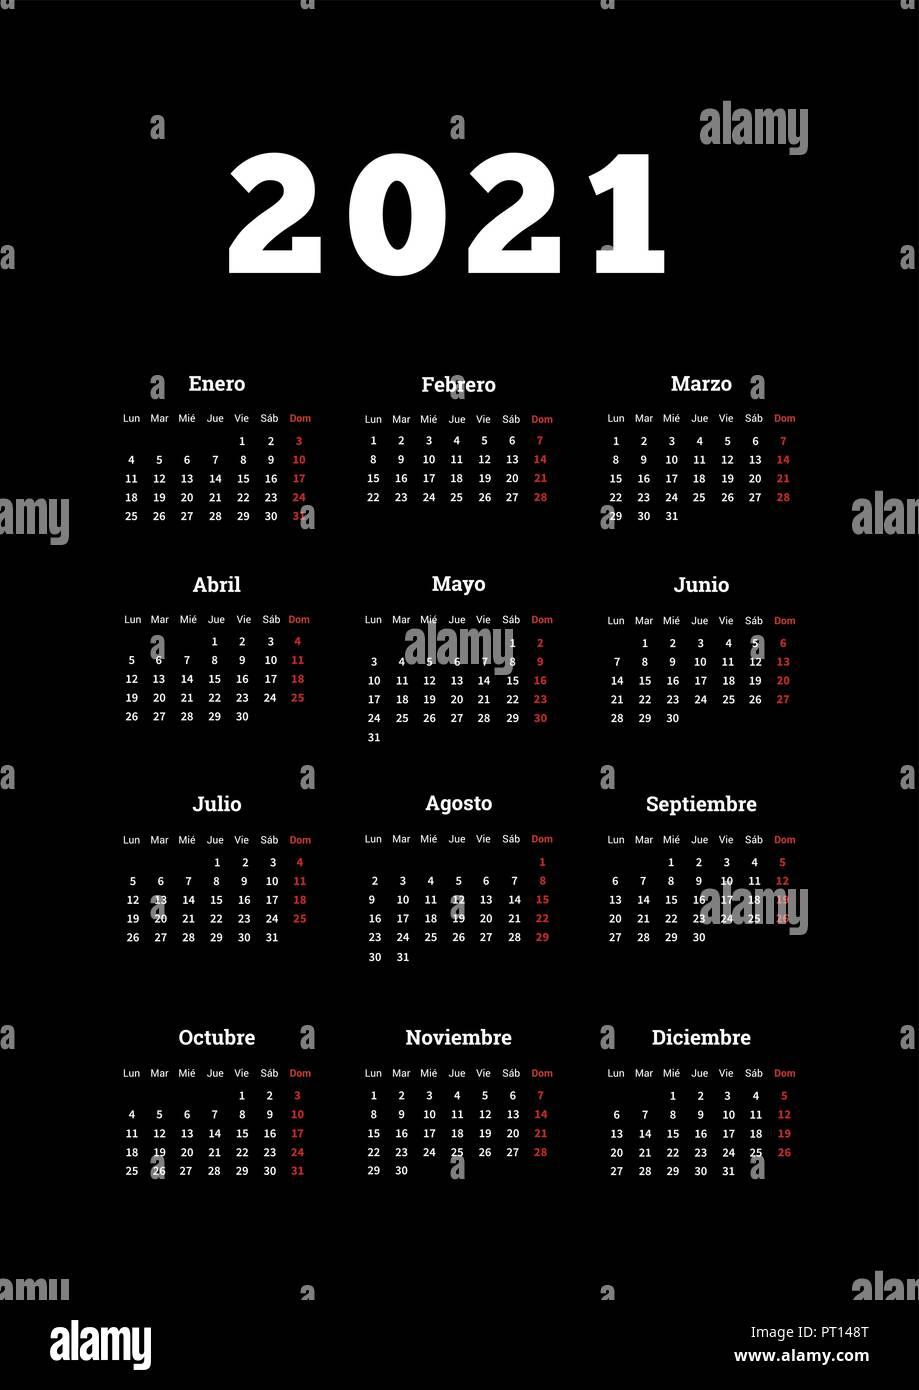 Calendario In Spagnolo.2021 Anno Semplice Calendario In Spagnolo Formato A4 Foglio